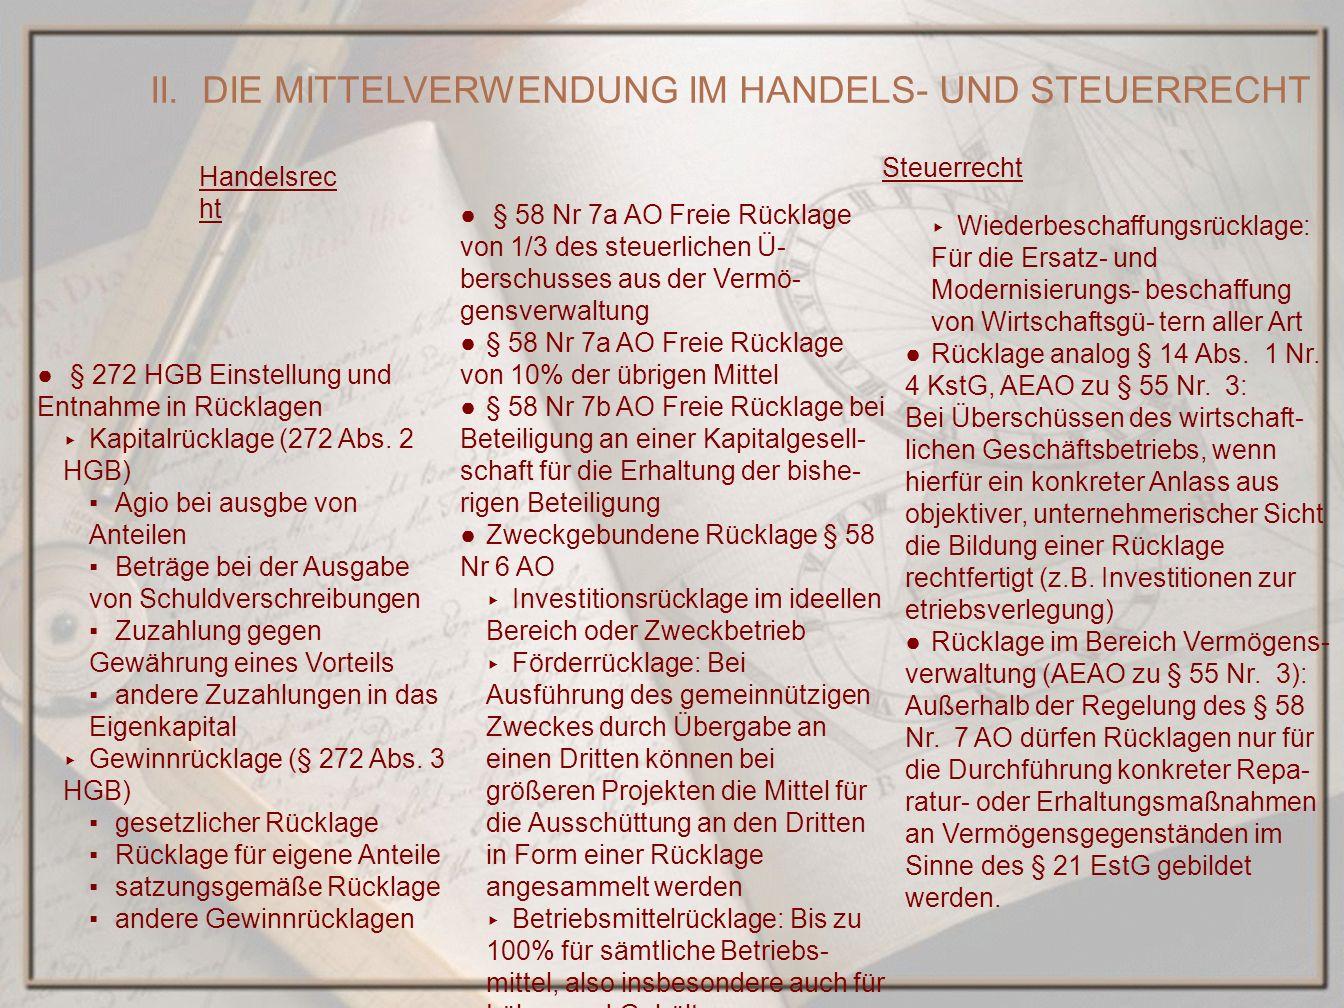 II. DIE MITTELVERWENDUNG IM HANDELS- UND STEUERRECHT